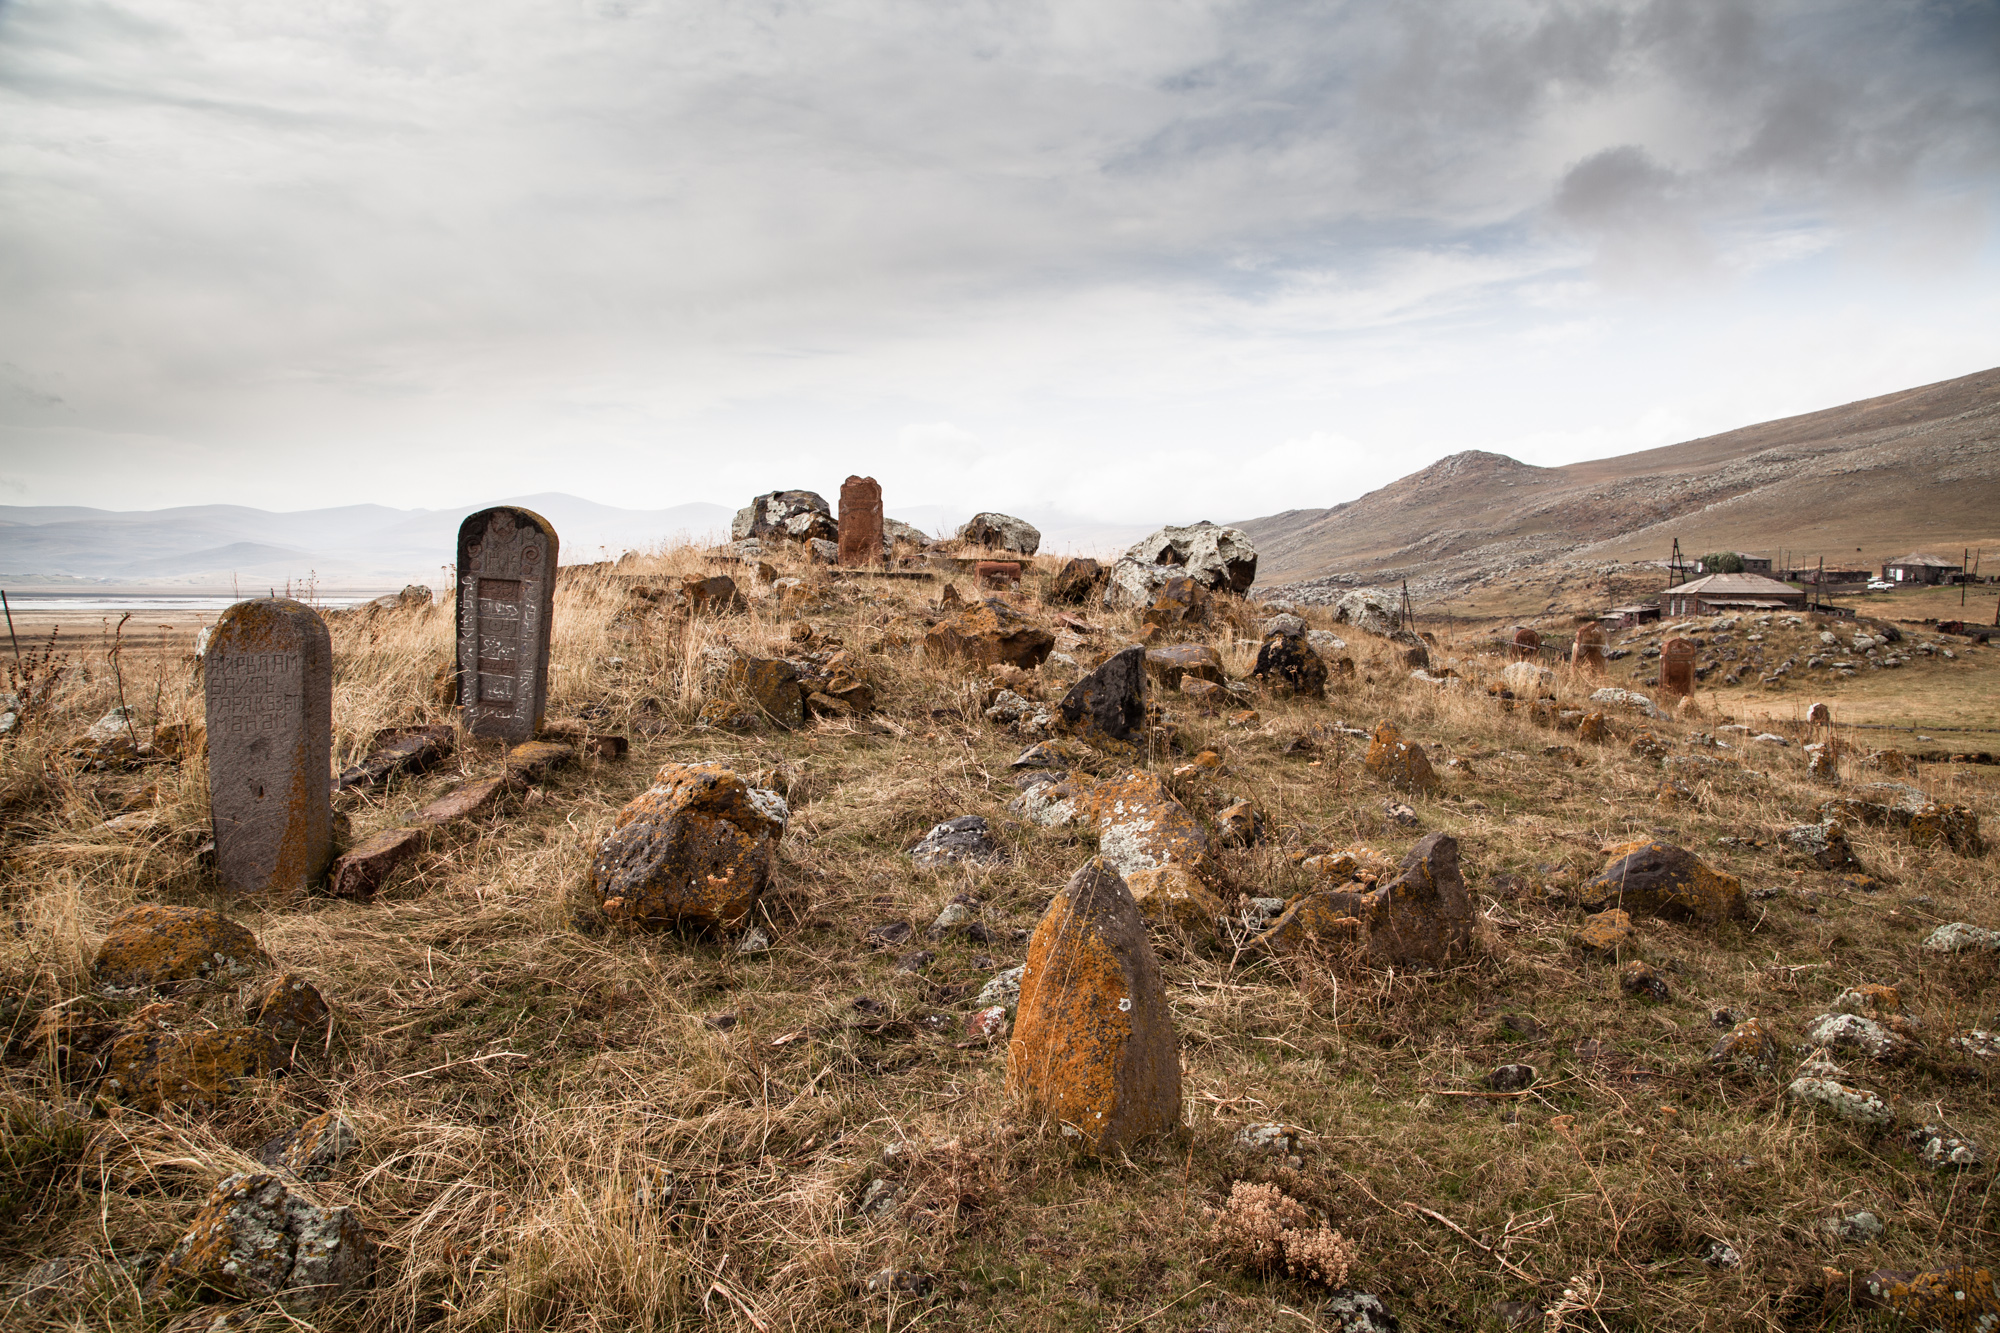 En 1989, la fin de l'URSS fait renaître les conflits territoriaux enfouis pendant l'époque soviétique entre l'Arménie et l'Azerbaïdjan voisin. Entre 1988 et 1994, la guerre laisse près de 20000 morts et des centaines de miliers de déplacés des 2 côtés de la frontière. Dans certains endroits, les cimetières sont profanés. À Zorakert, un village près d'Ashotsk, le cimetière azéri, abandonné, n'a lui, pas été touché.  Extraits du webdocumentaire   Ashotsk, aux confins de l'Arménie  .